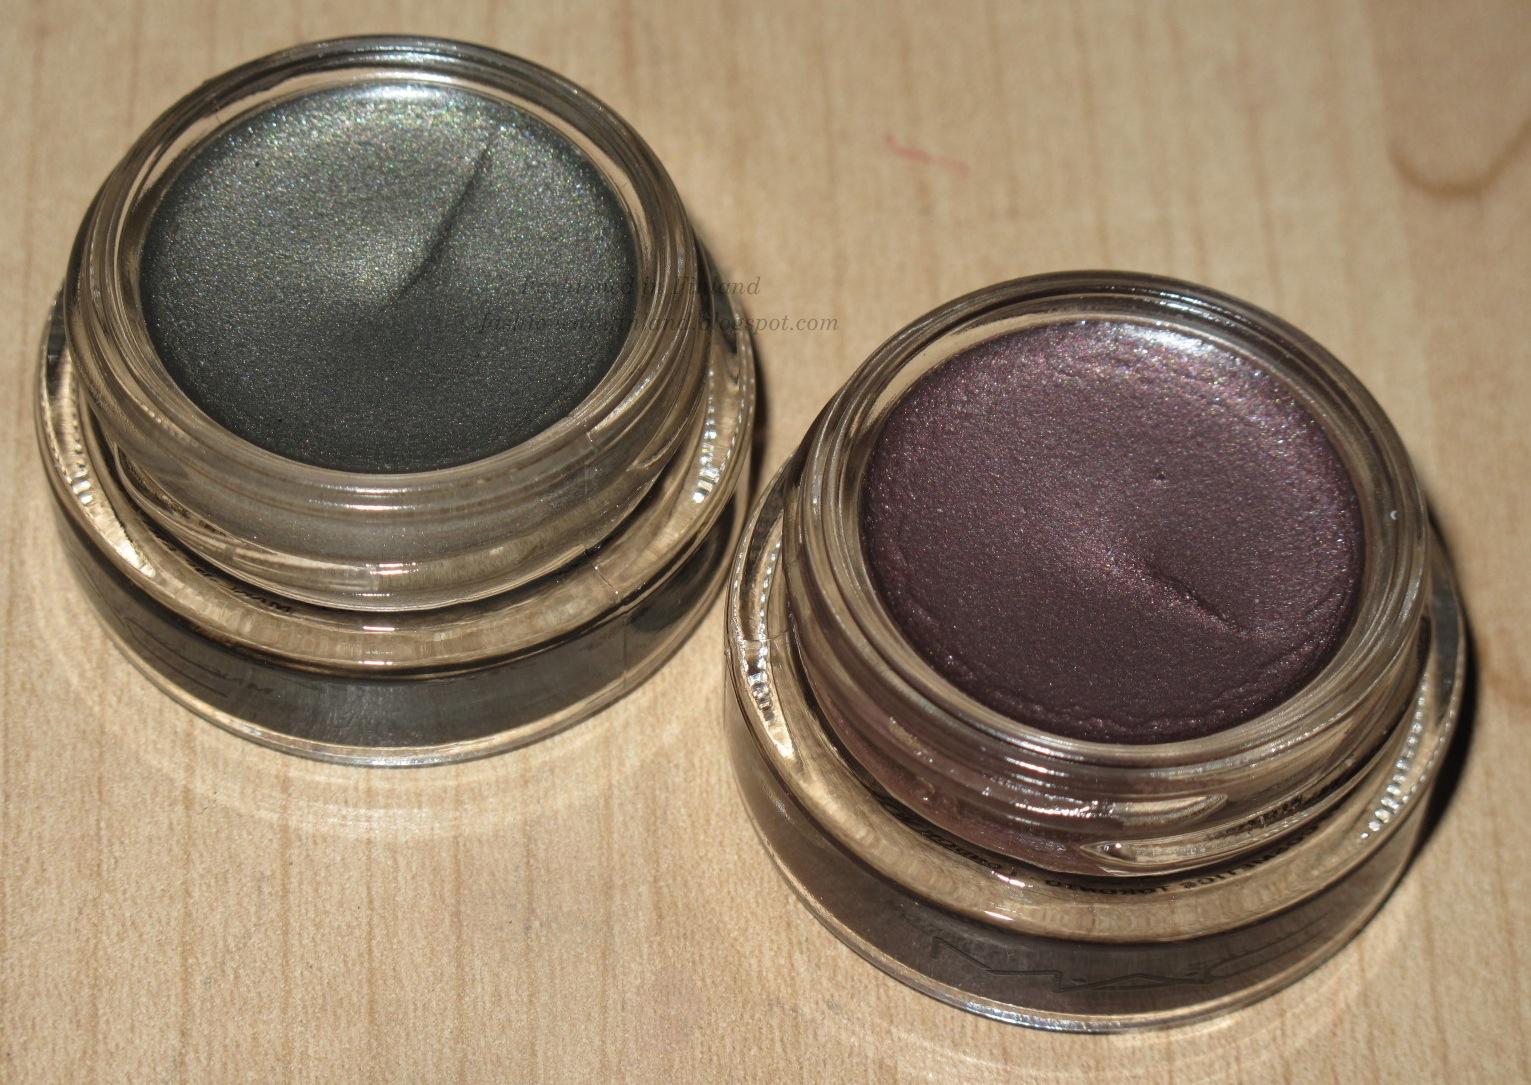 mac pro longwear paint pots frozen violet antique